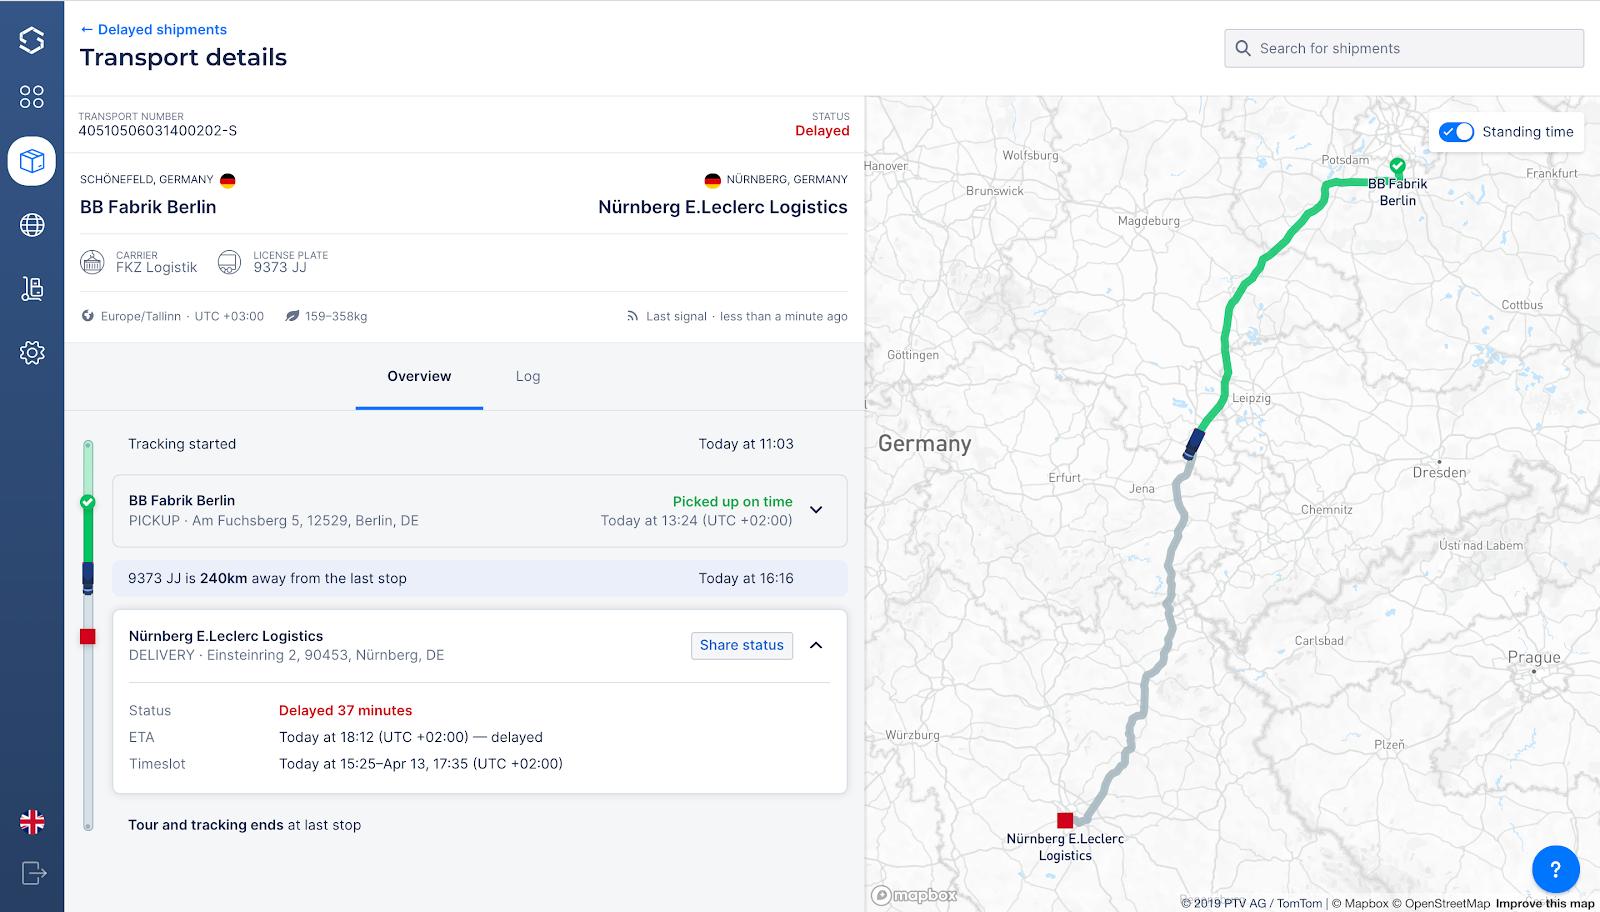 Информация о статусе доставки и предполагаемом времени прибытия в системе Sixfold